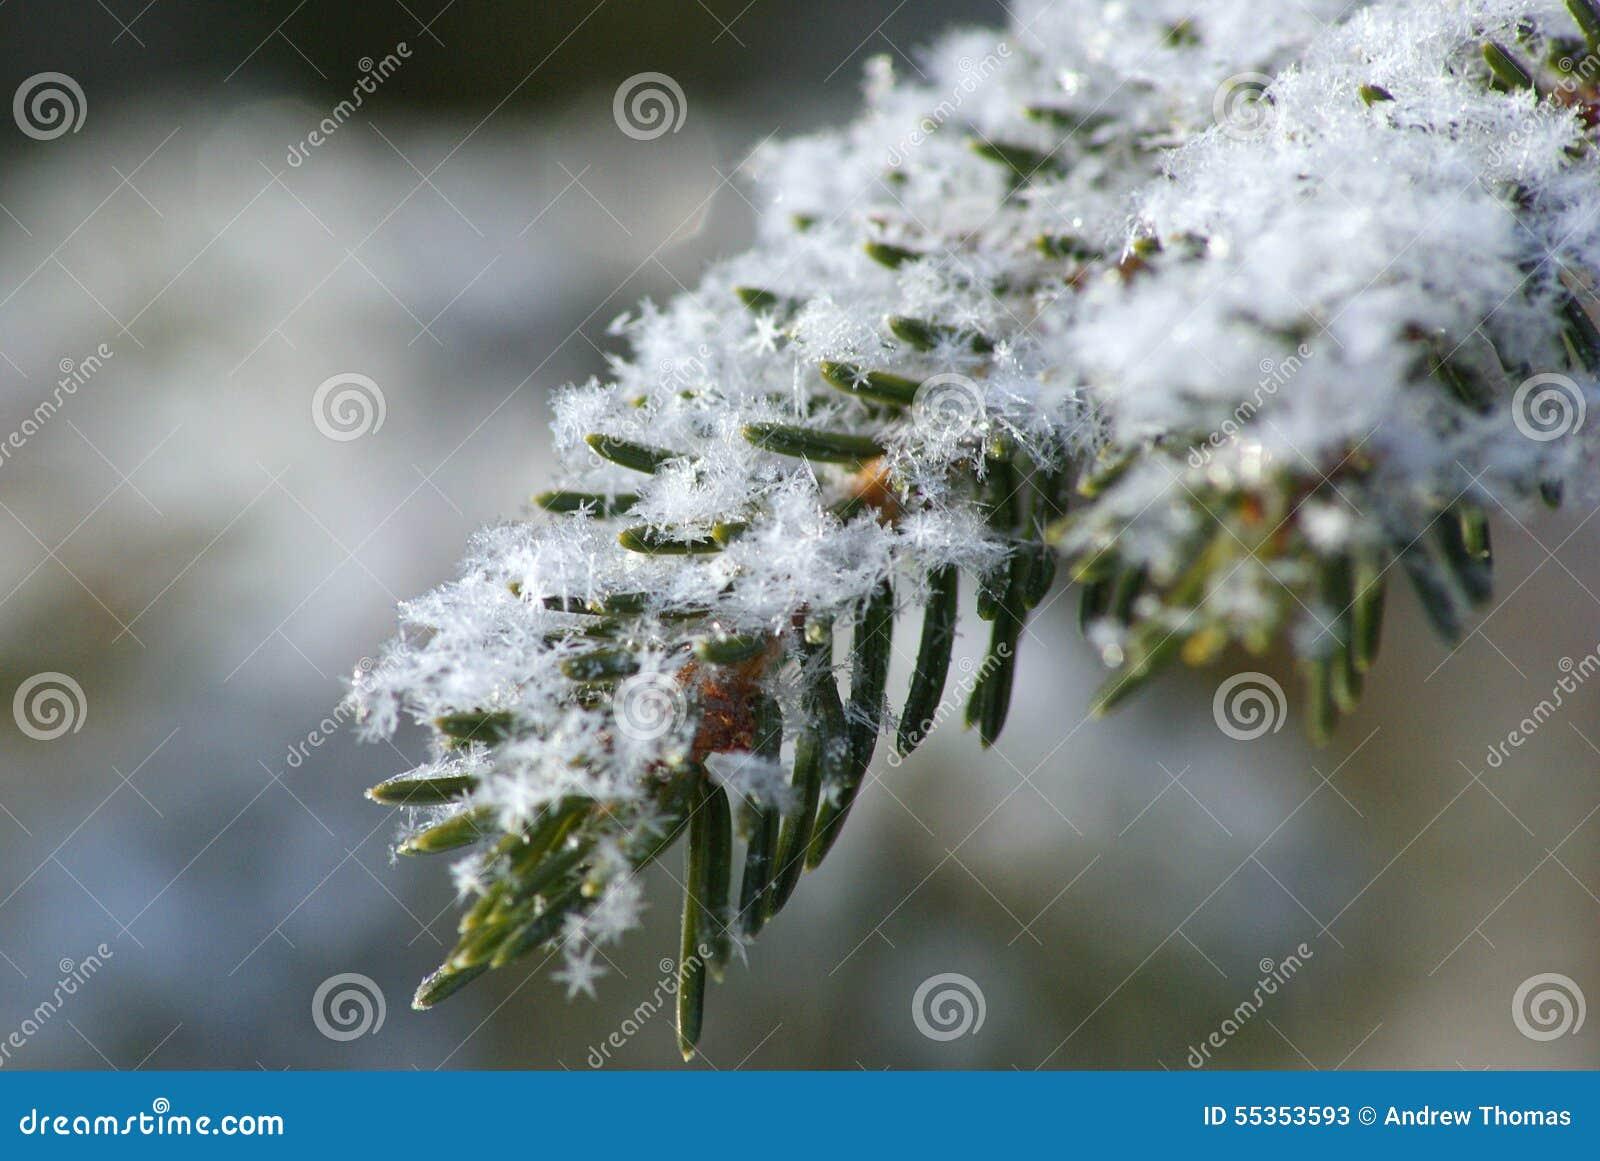 La neve si sfalda sul ramo del pino